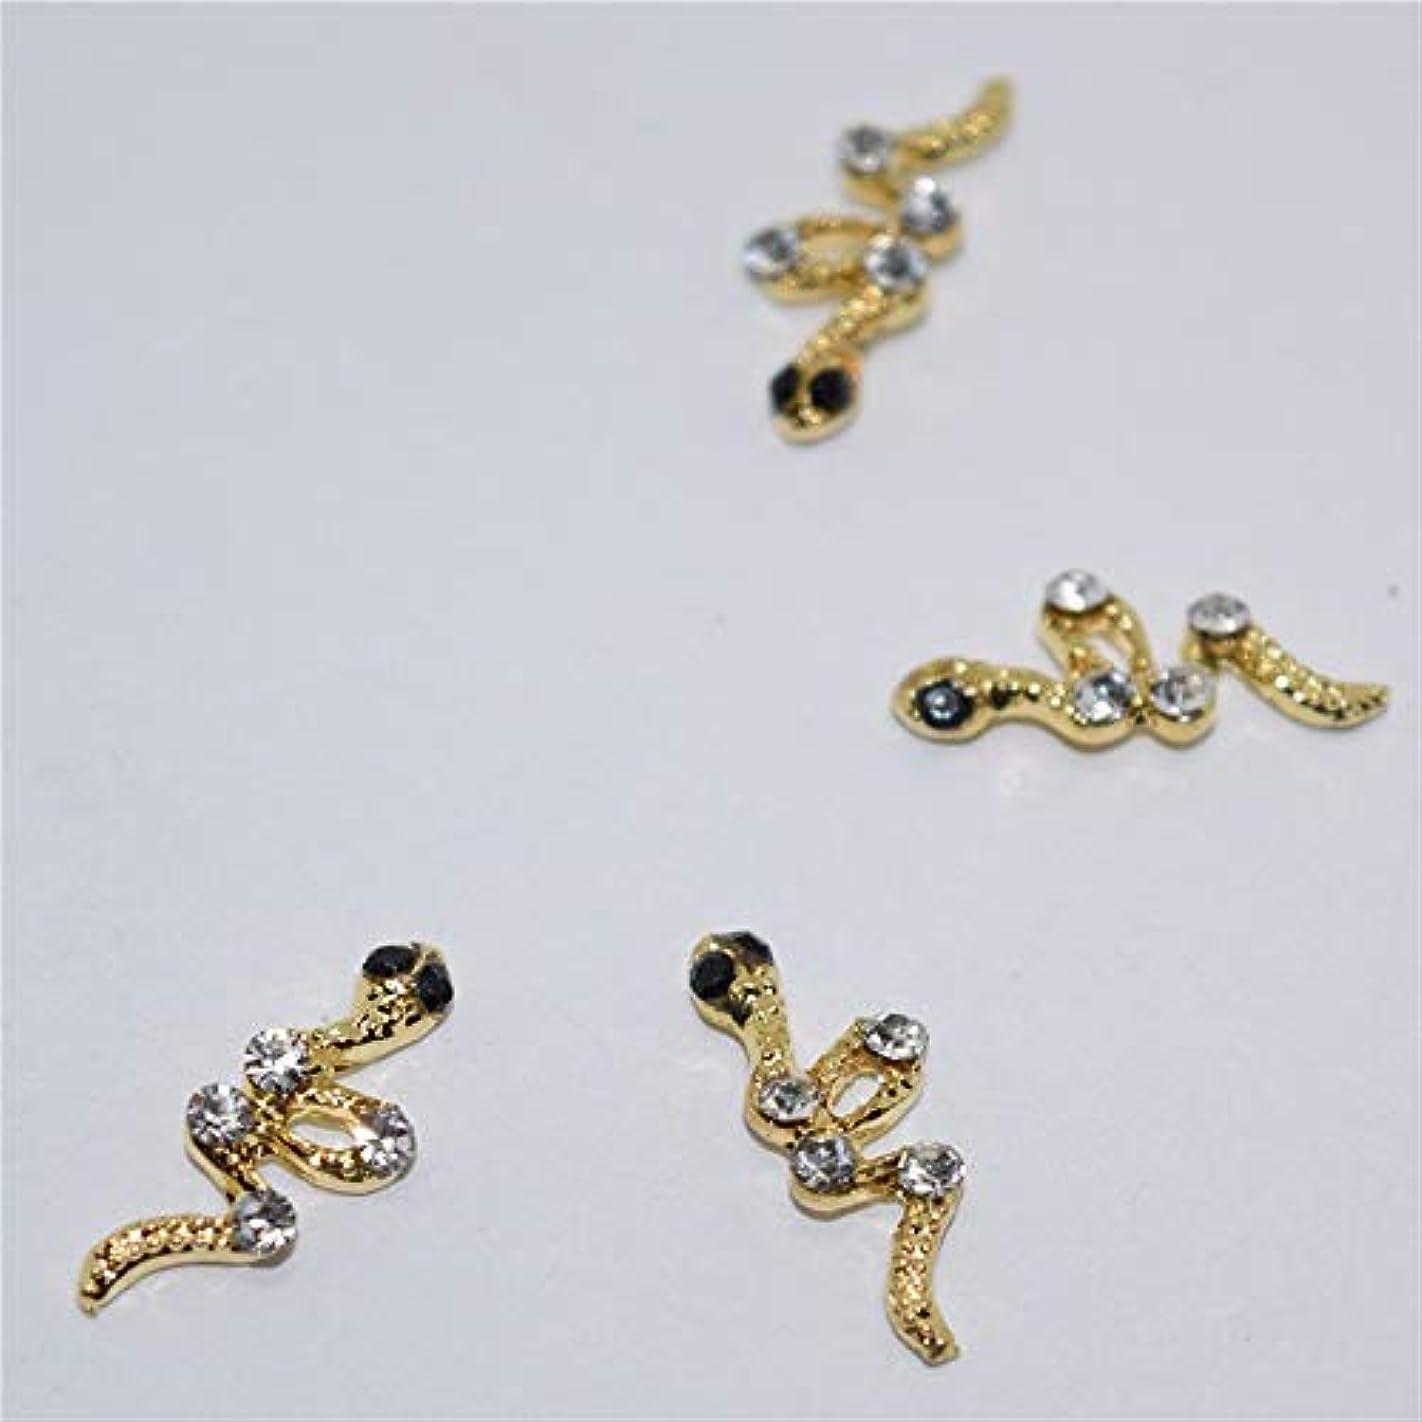 持続するアラスカ注文10個入りゴールデンスネーク動物の3Dネイルアートの装飾合金ネイルチャームネイルズラインストーンネイル用品